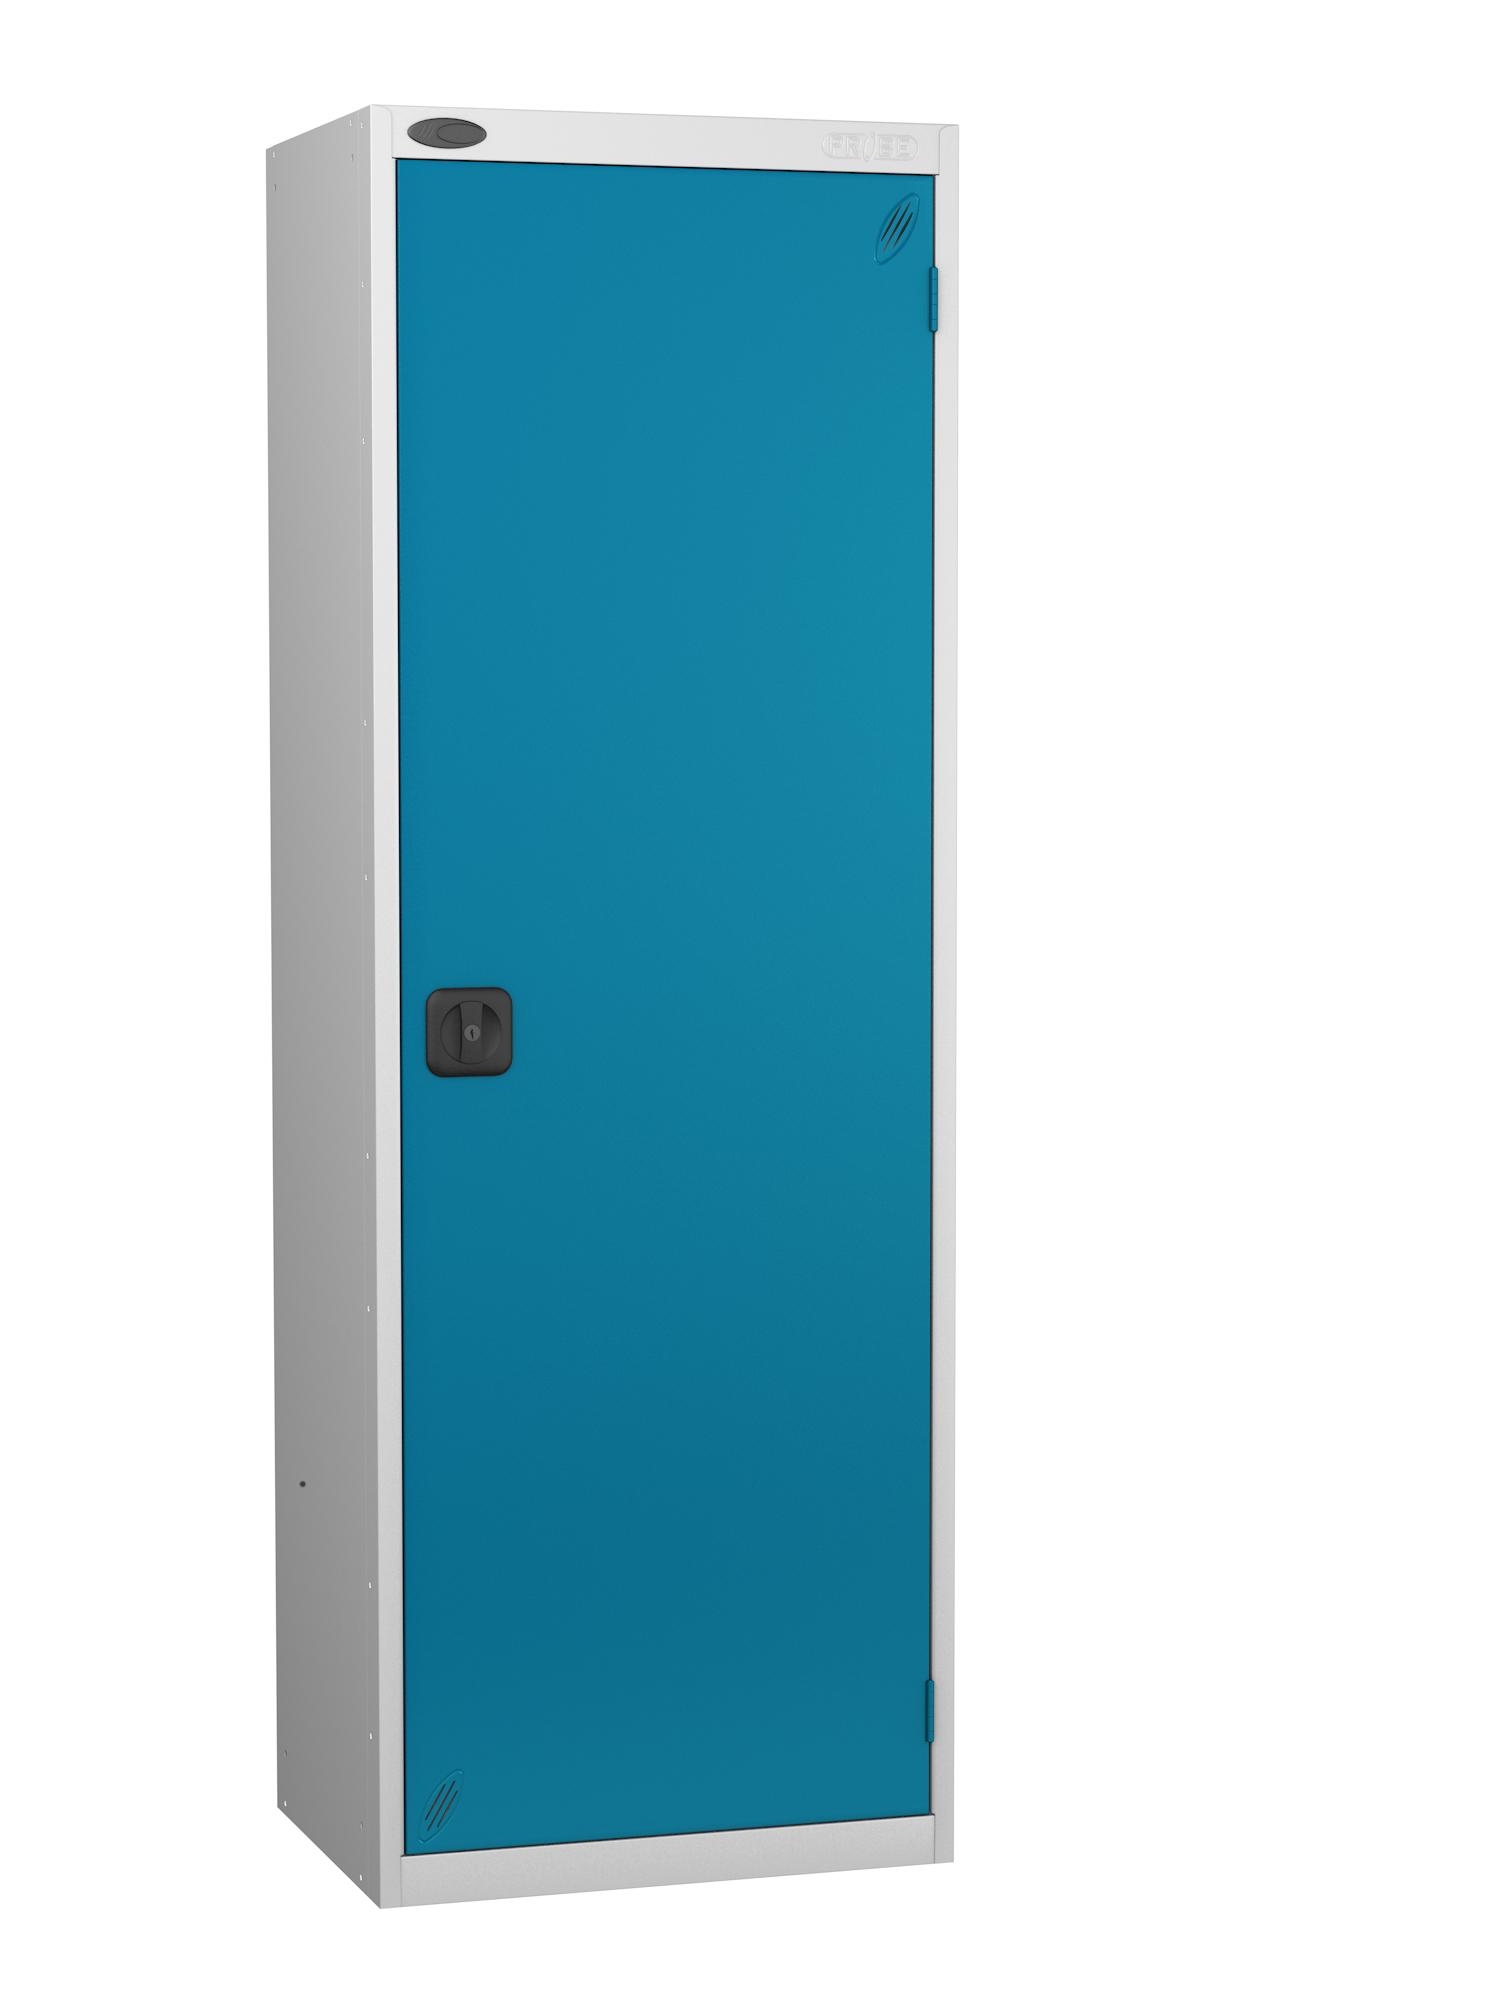 Probe high capacity specialist locker with blue door